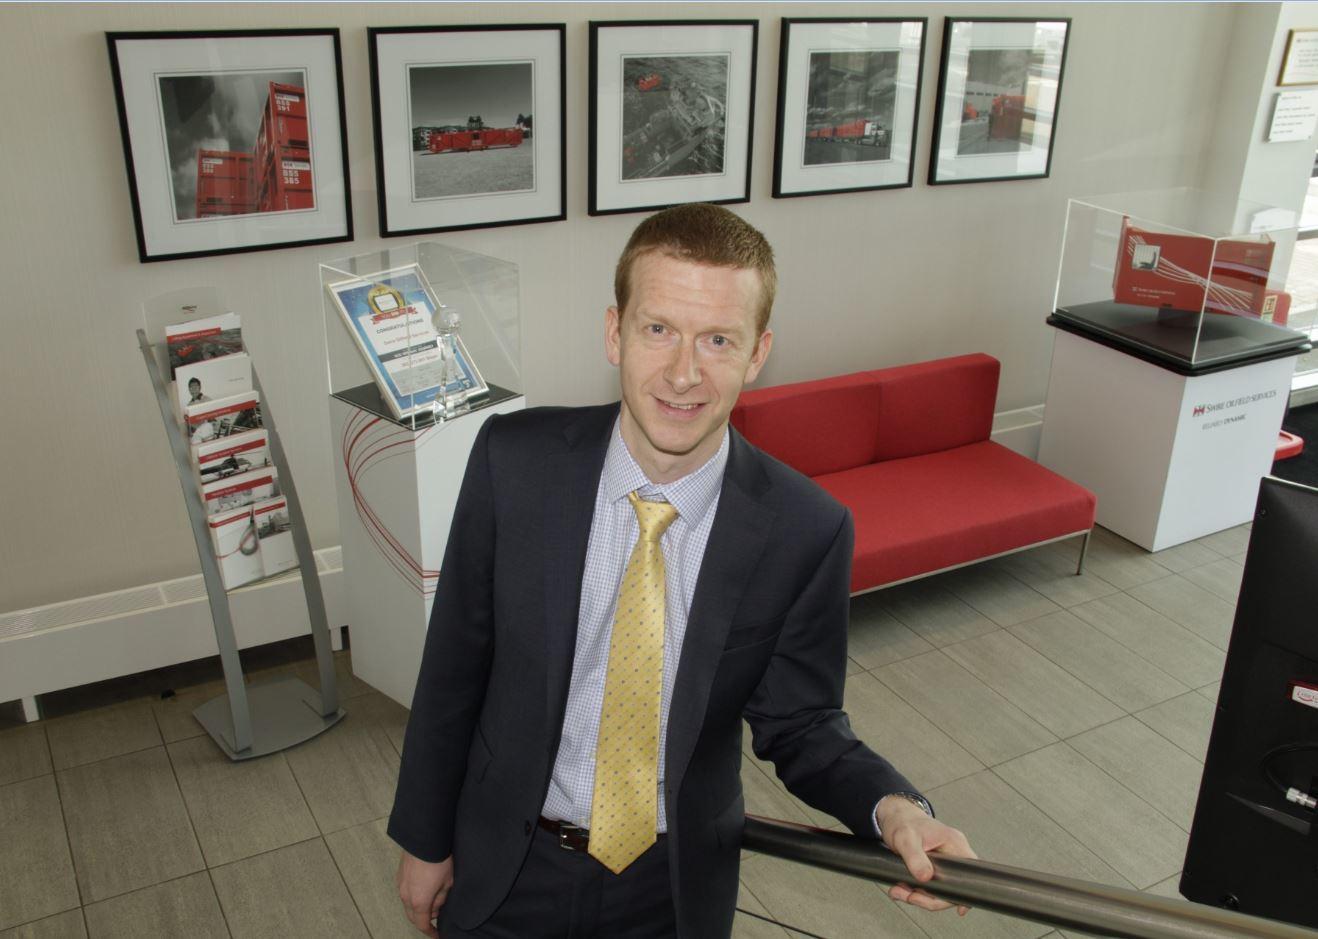 Roy Shearer, of Swire Oilfield Services